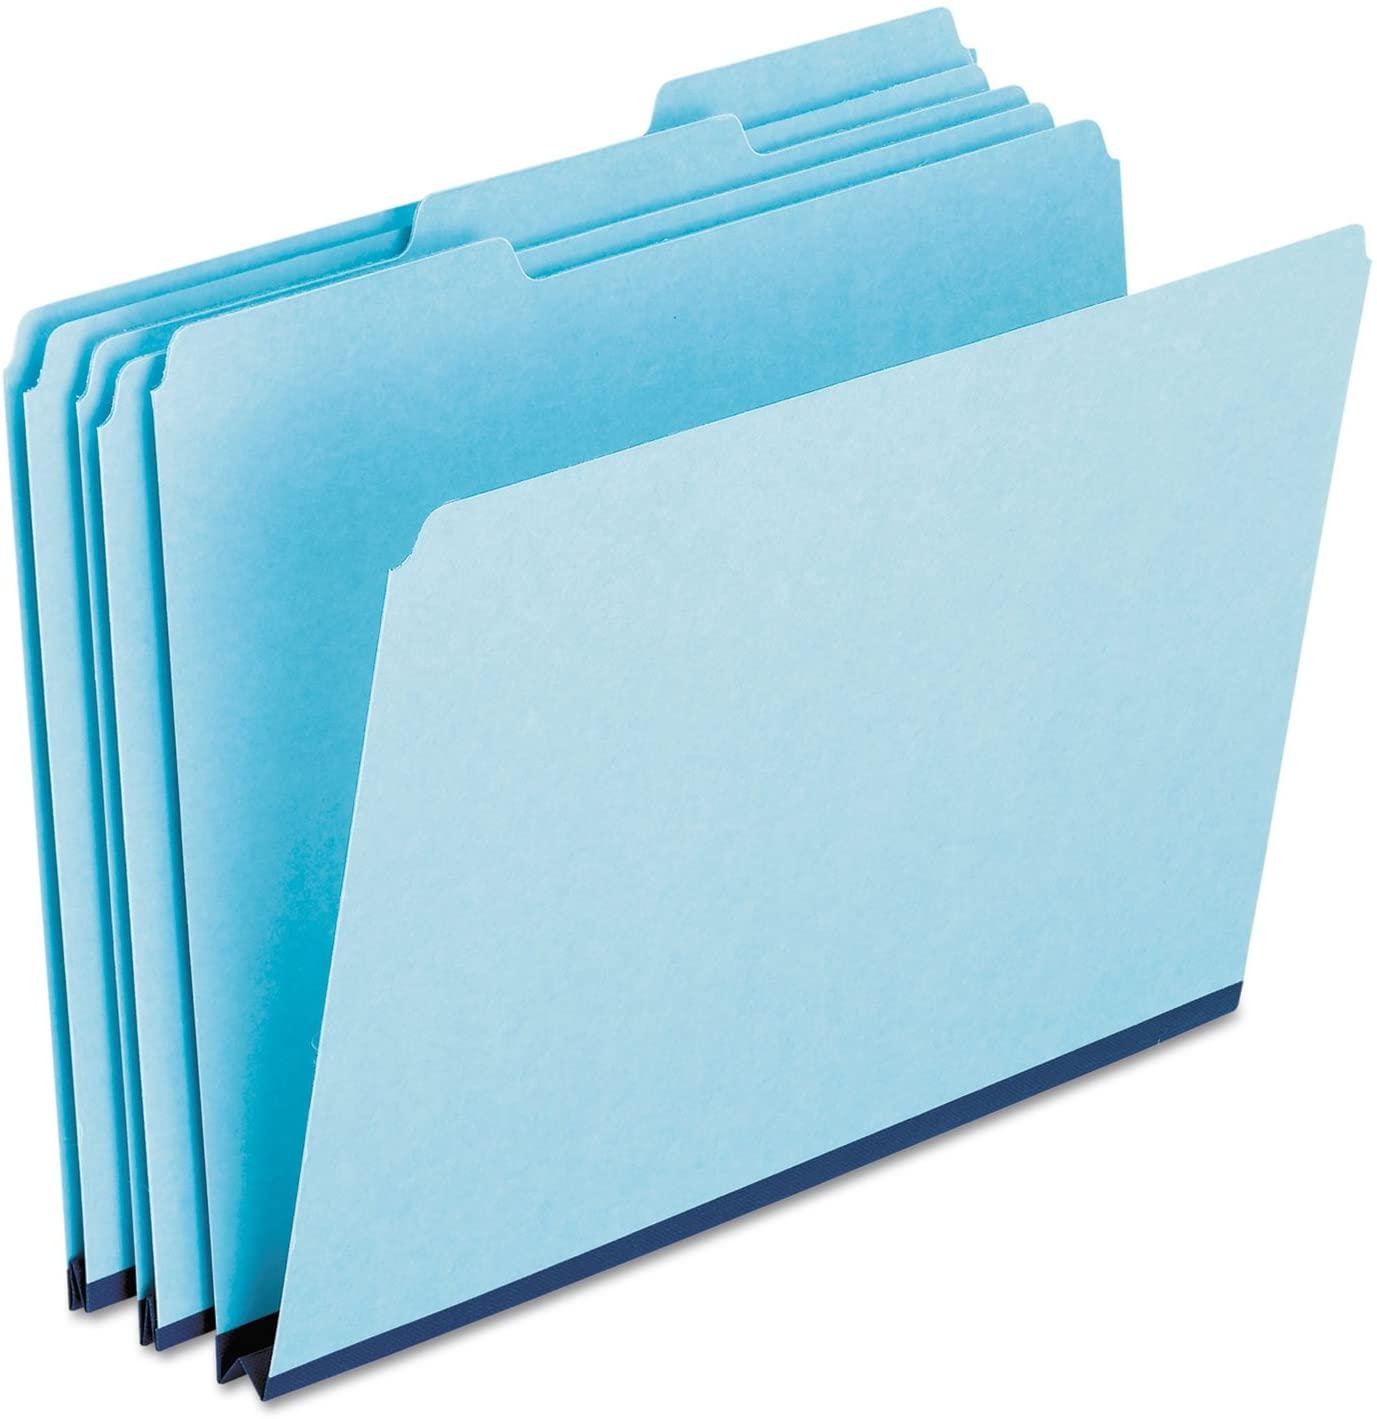 PFX9200T13 - Pressboard Expanding File Folders